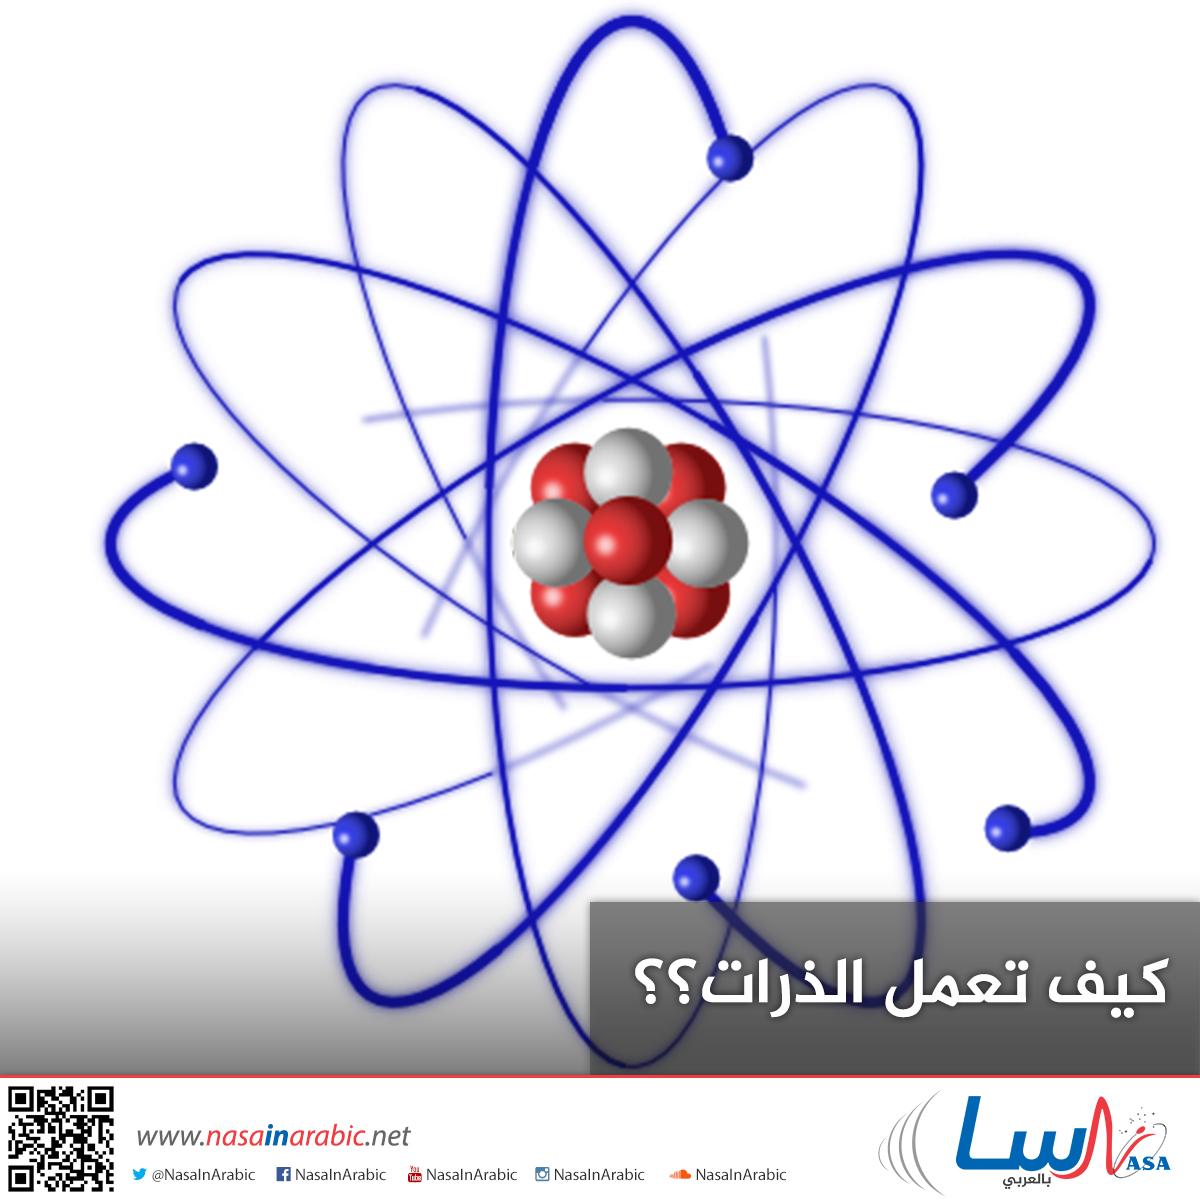 كيف تعمل الذرات؟؟